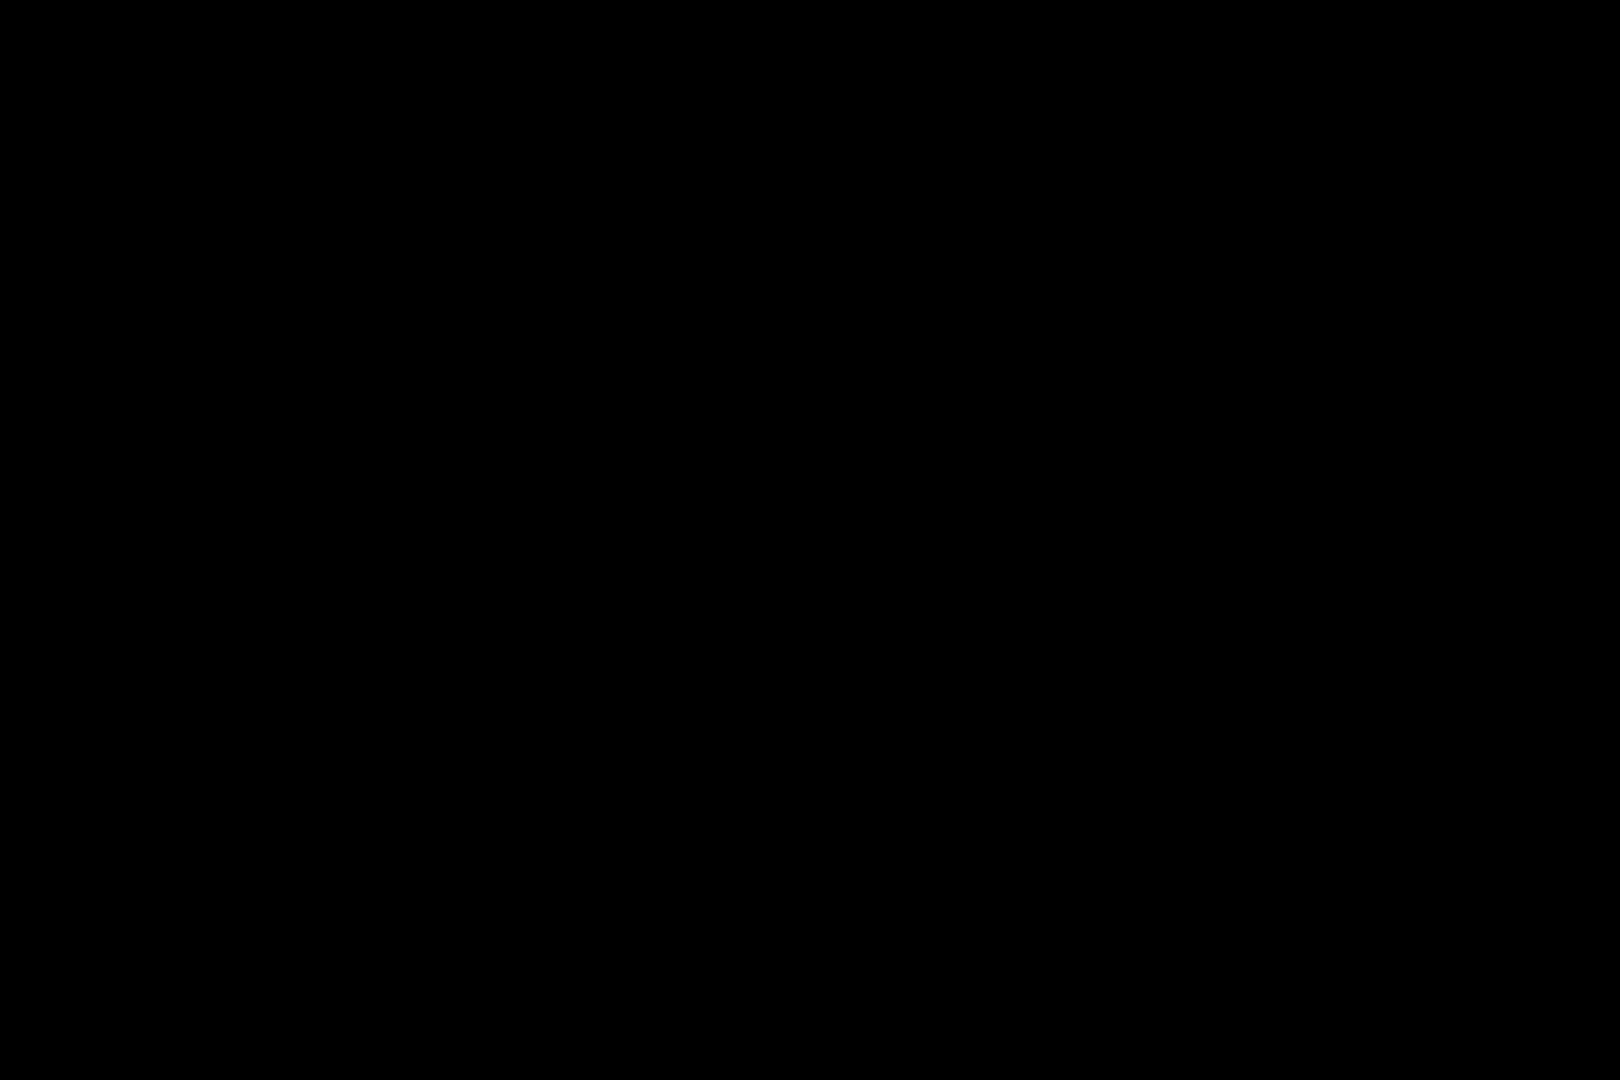 ノンケよしき君のイカされ日記…vol.02 アナル特集 ゲイ丸見え画像 87枚 13